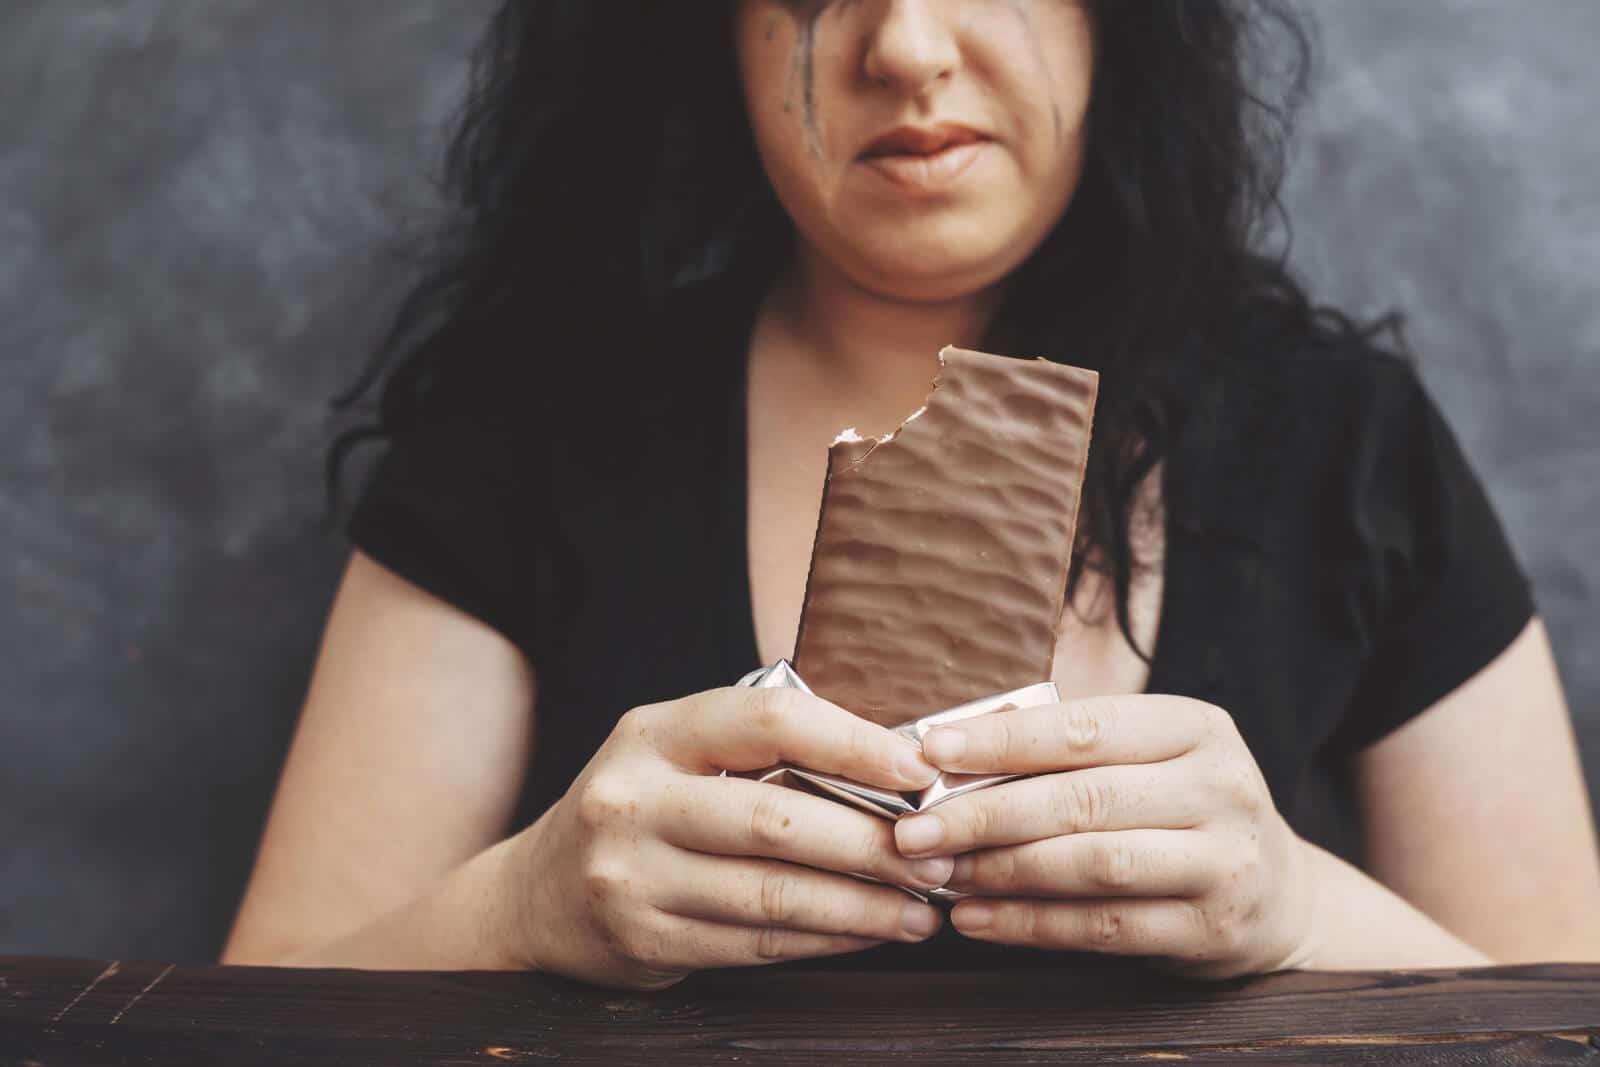 Thumbnail of Sugar Addiction